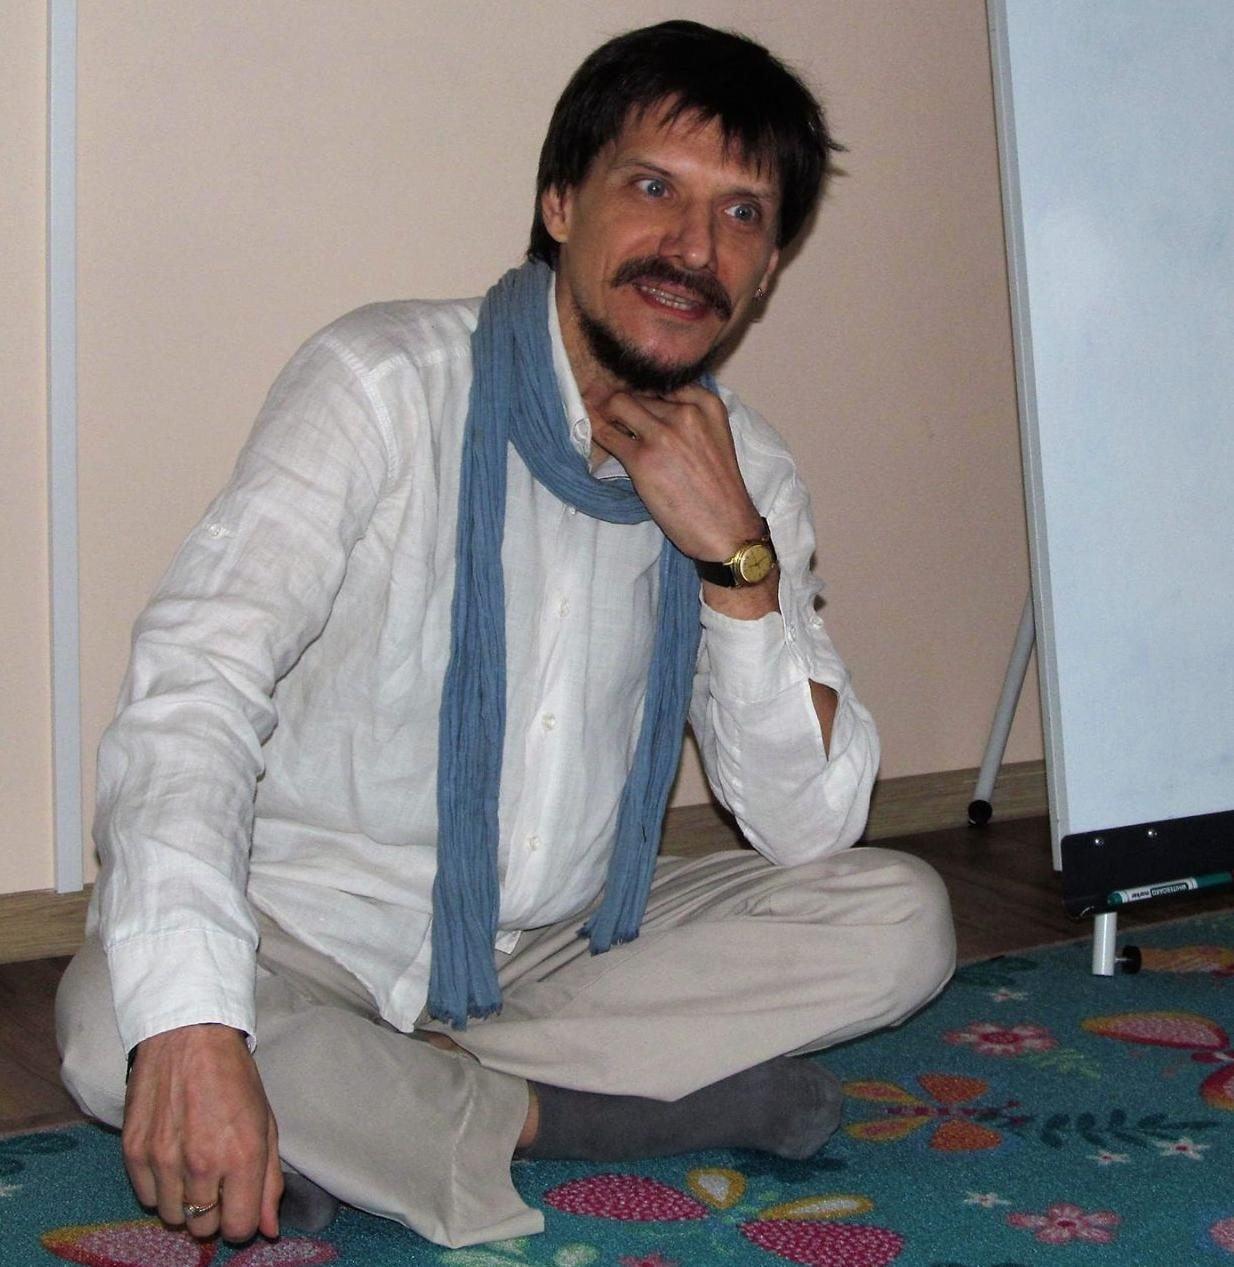 *** Антон Кузнецов Ведаврат – мастер и учитель, специалист и консультант - Ведическая Астрология і Тантра-Джйотиш ***